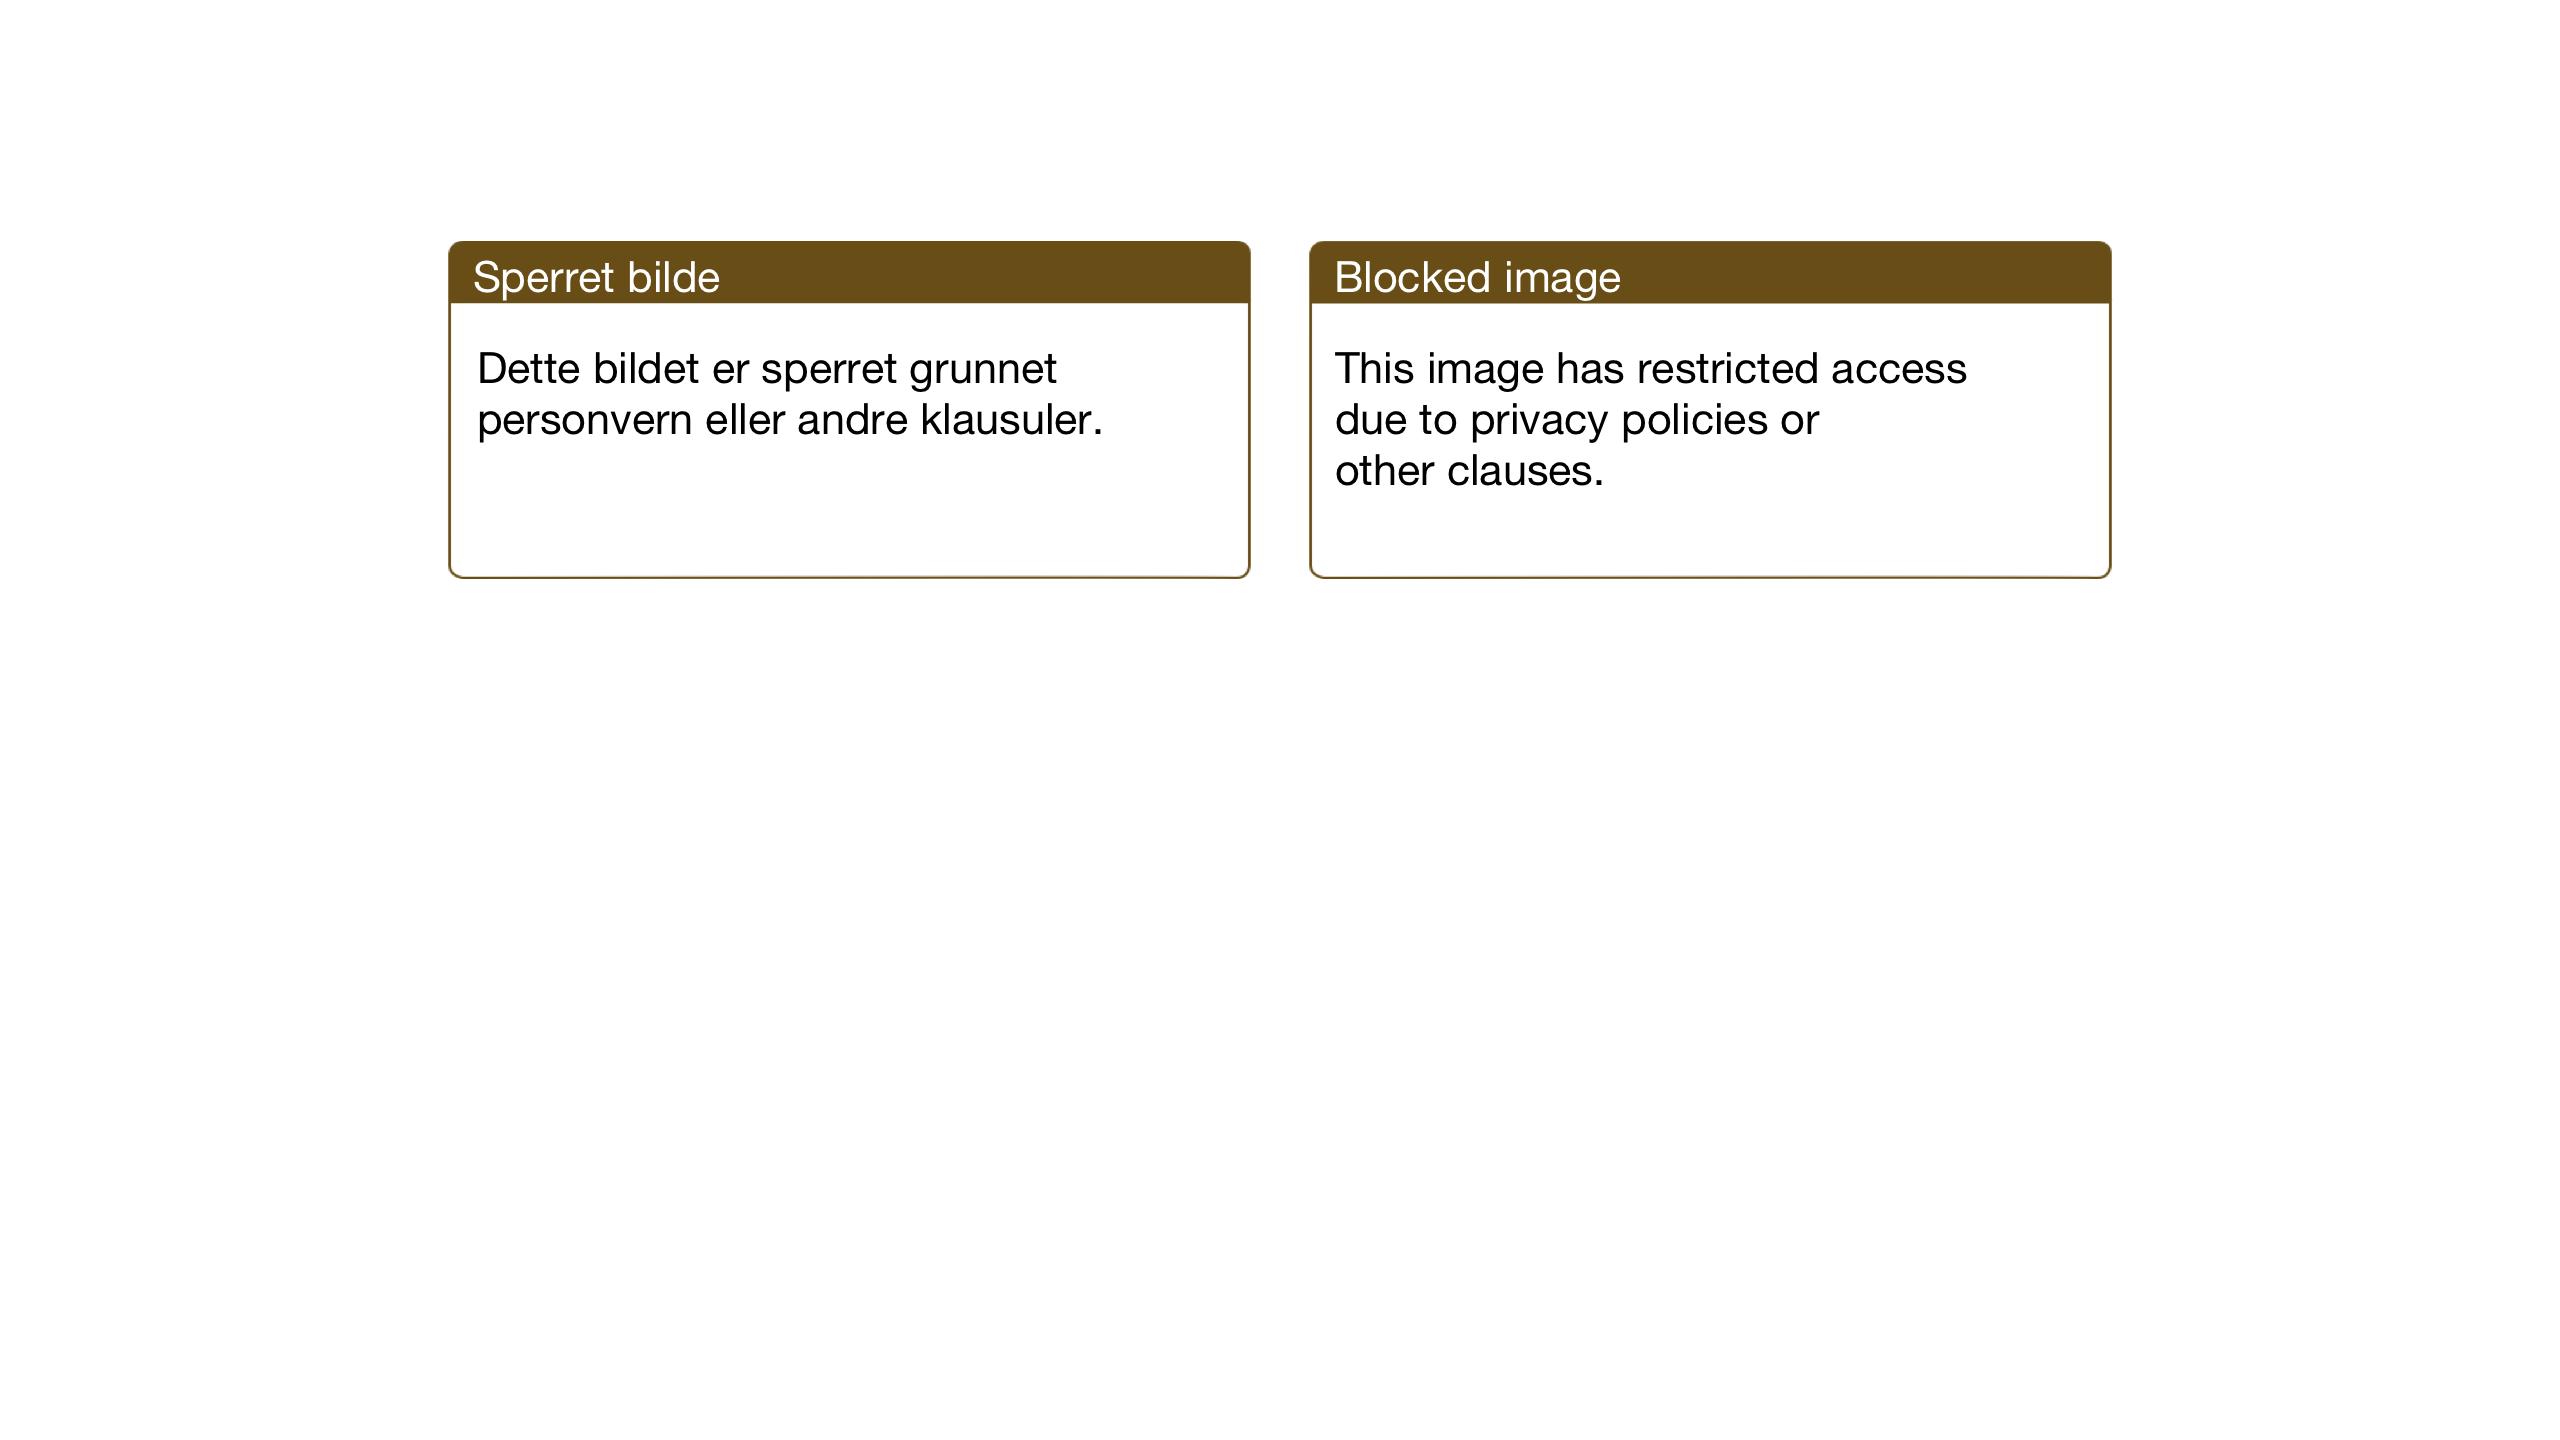 SAT, Ministerialprotokoller, klokkerbøker og fødselsregistre - Sør-Trøndelag, 652/L0654: Klokkerbok nr. 652C02, 1910-1937, s. 47